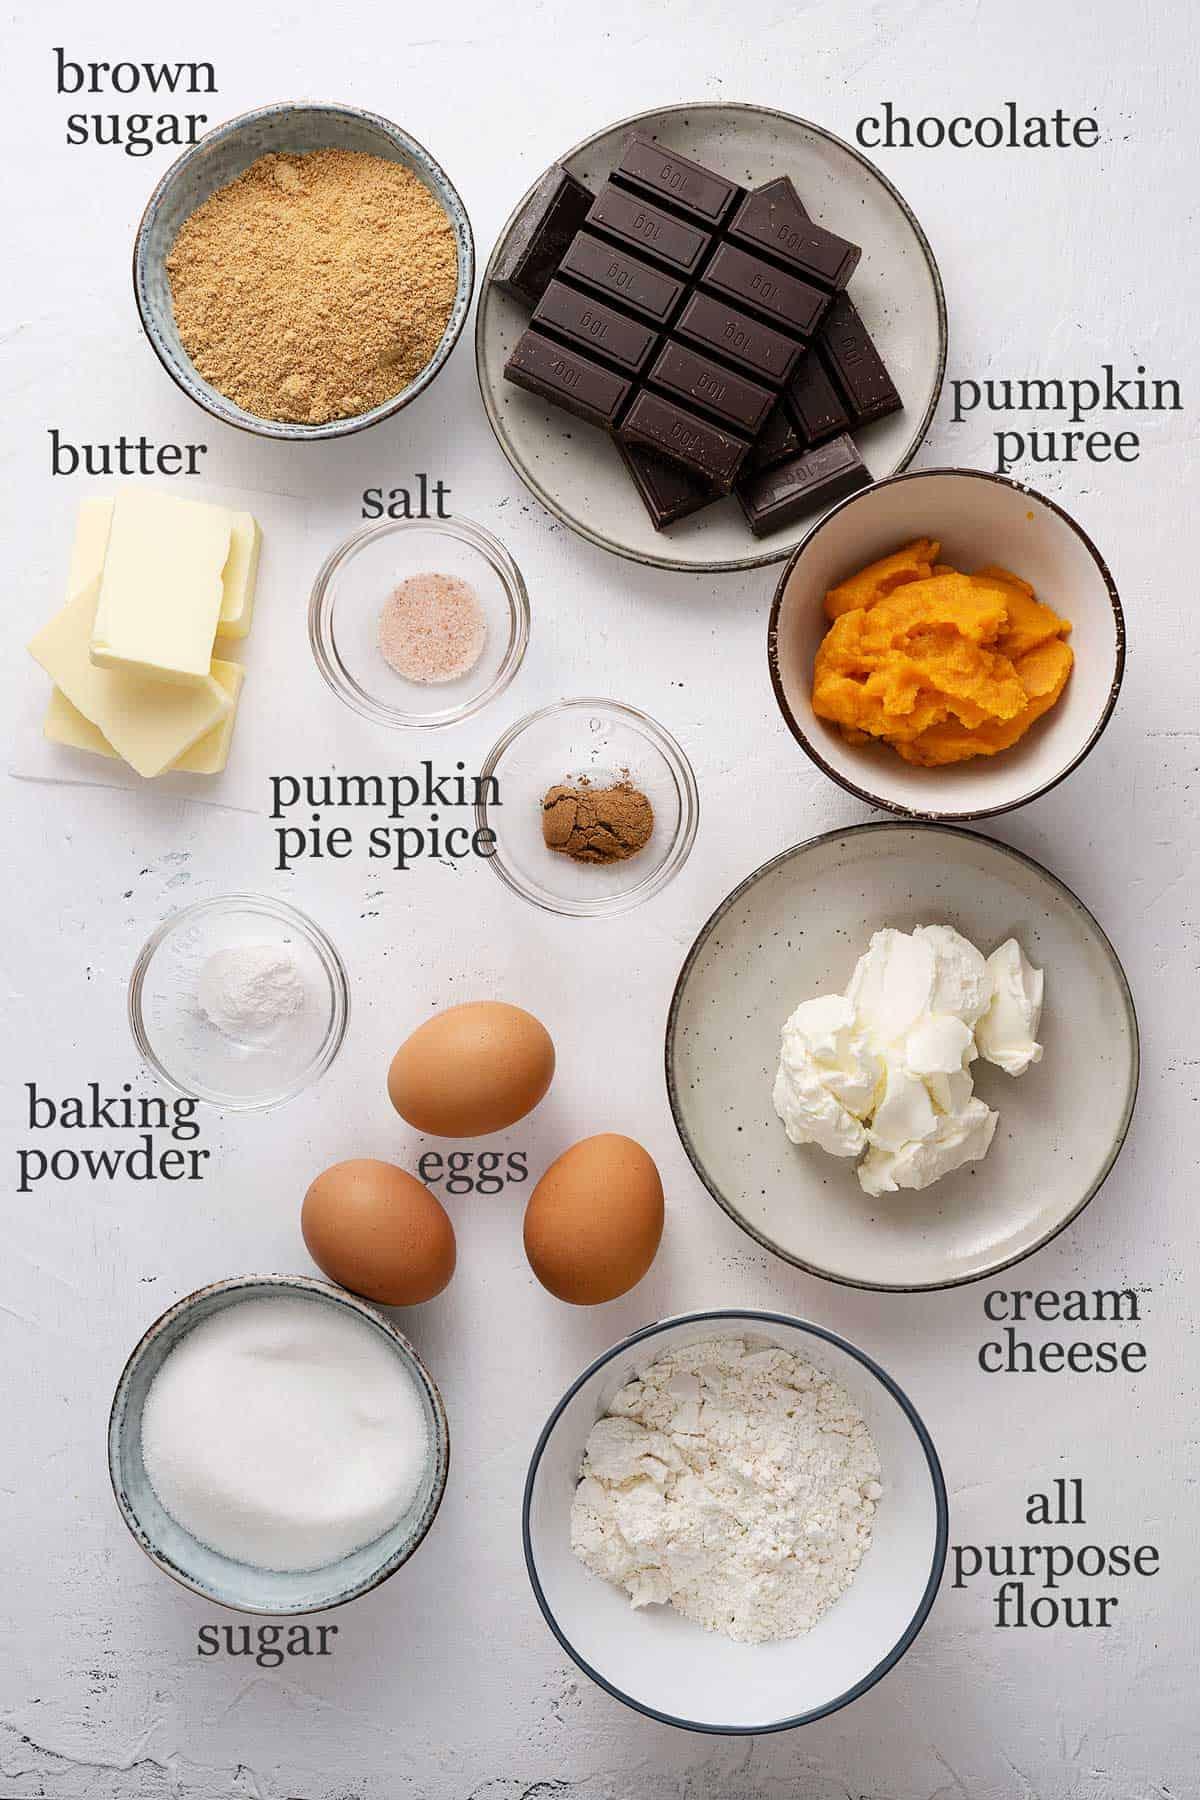 ingredients for pumpkin cheesecake brownies.